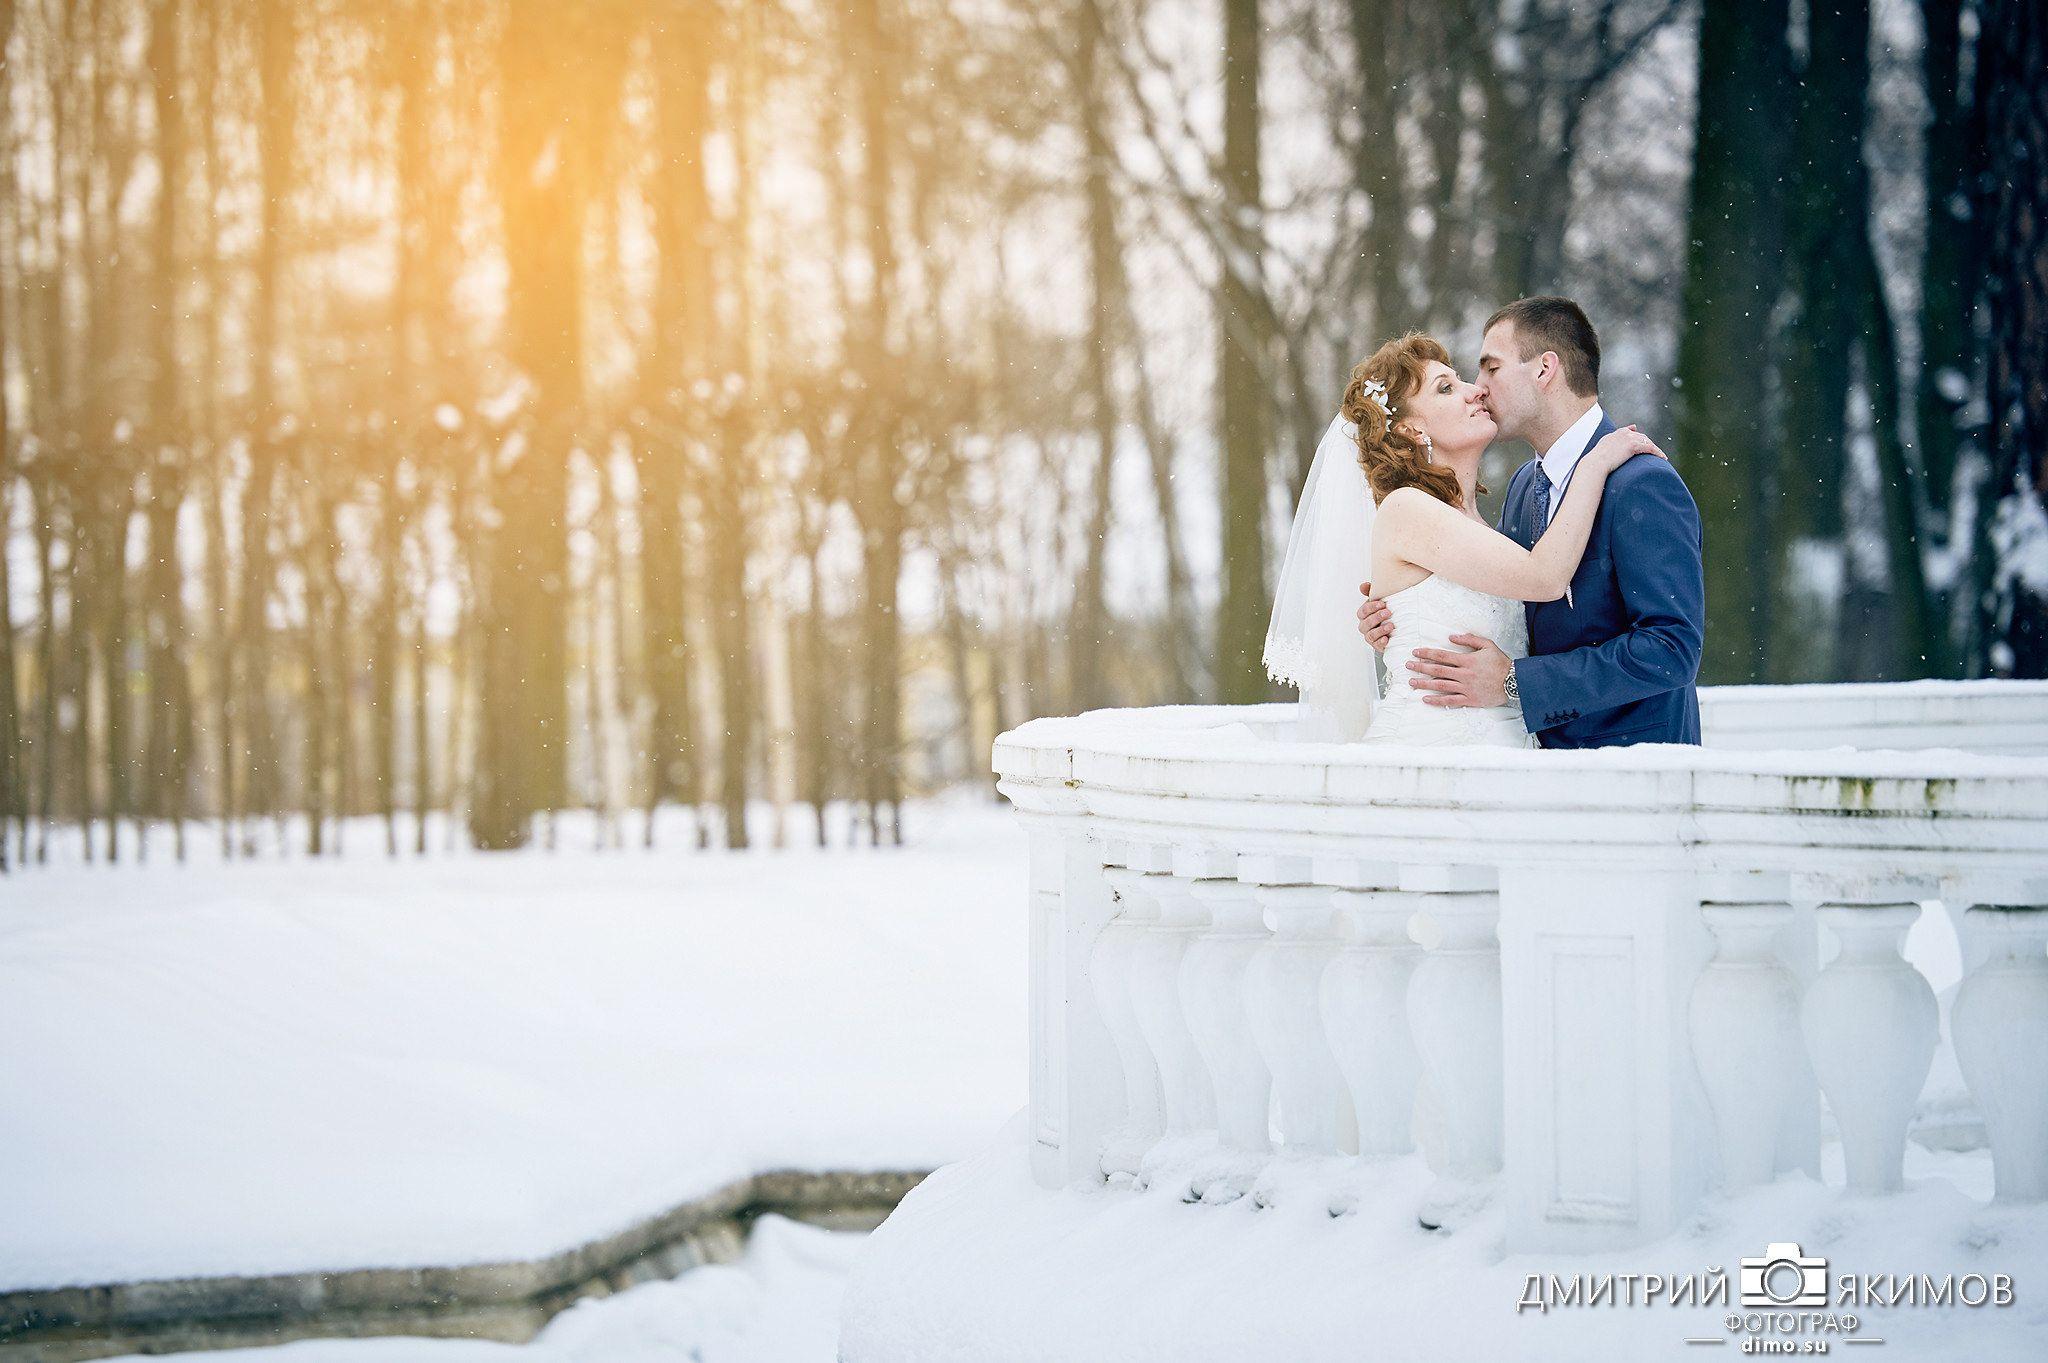 привыкли тому, свадебные фотосессии в питере зимой приспособлениями для вычислений